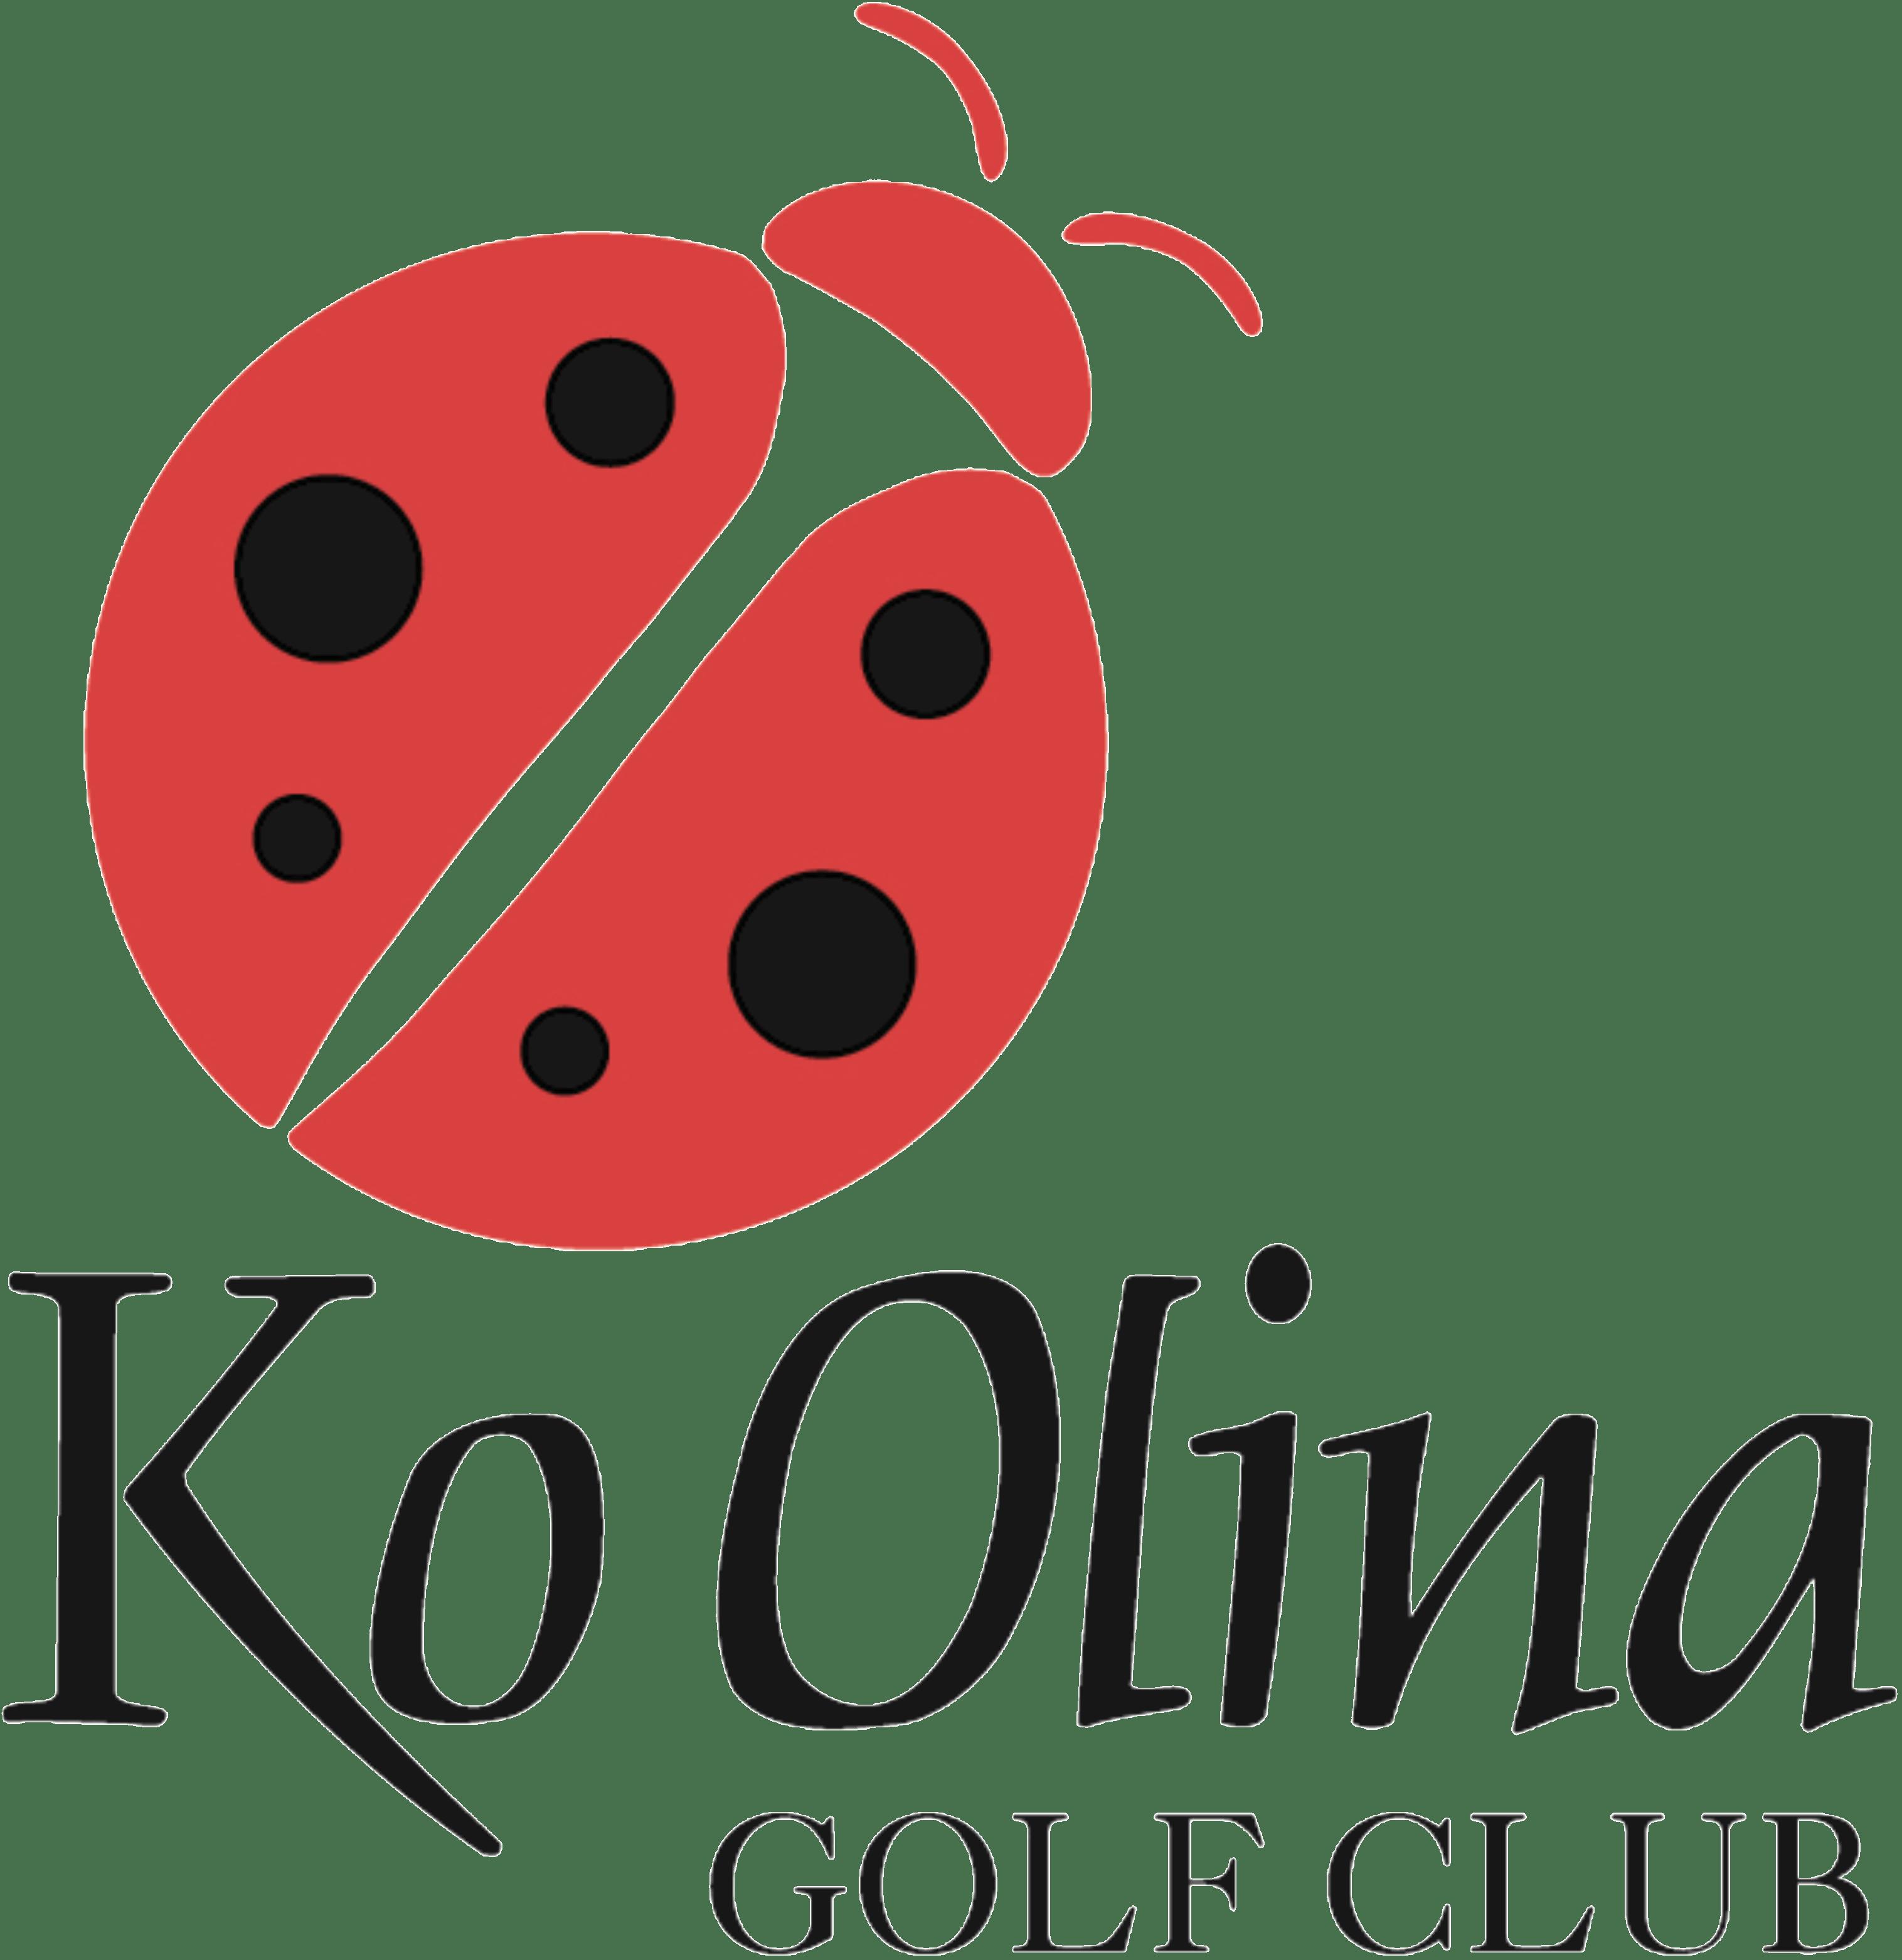 kogc-logo